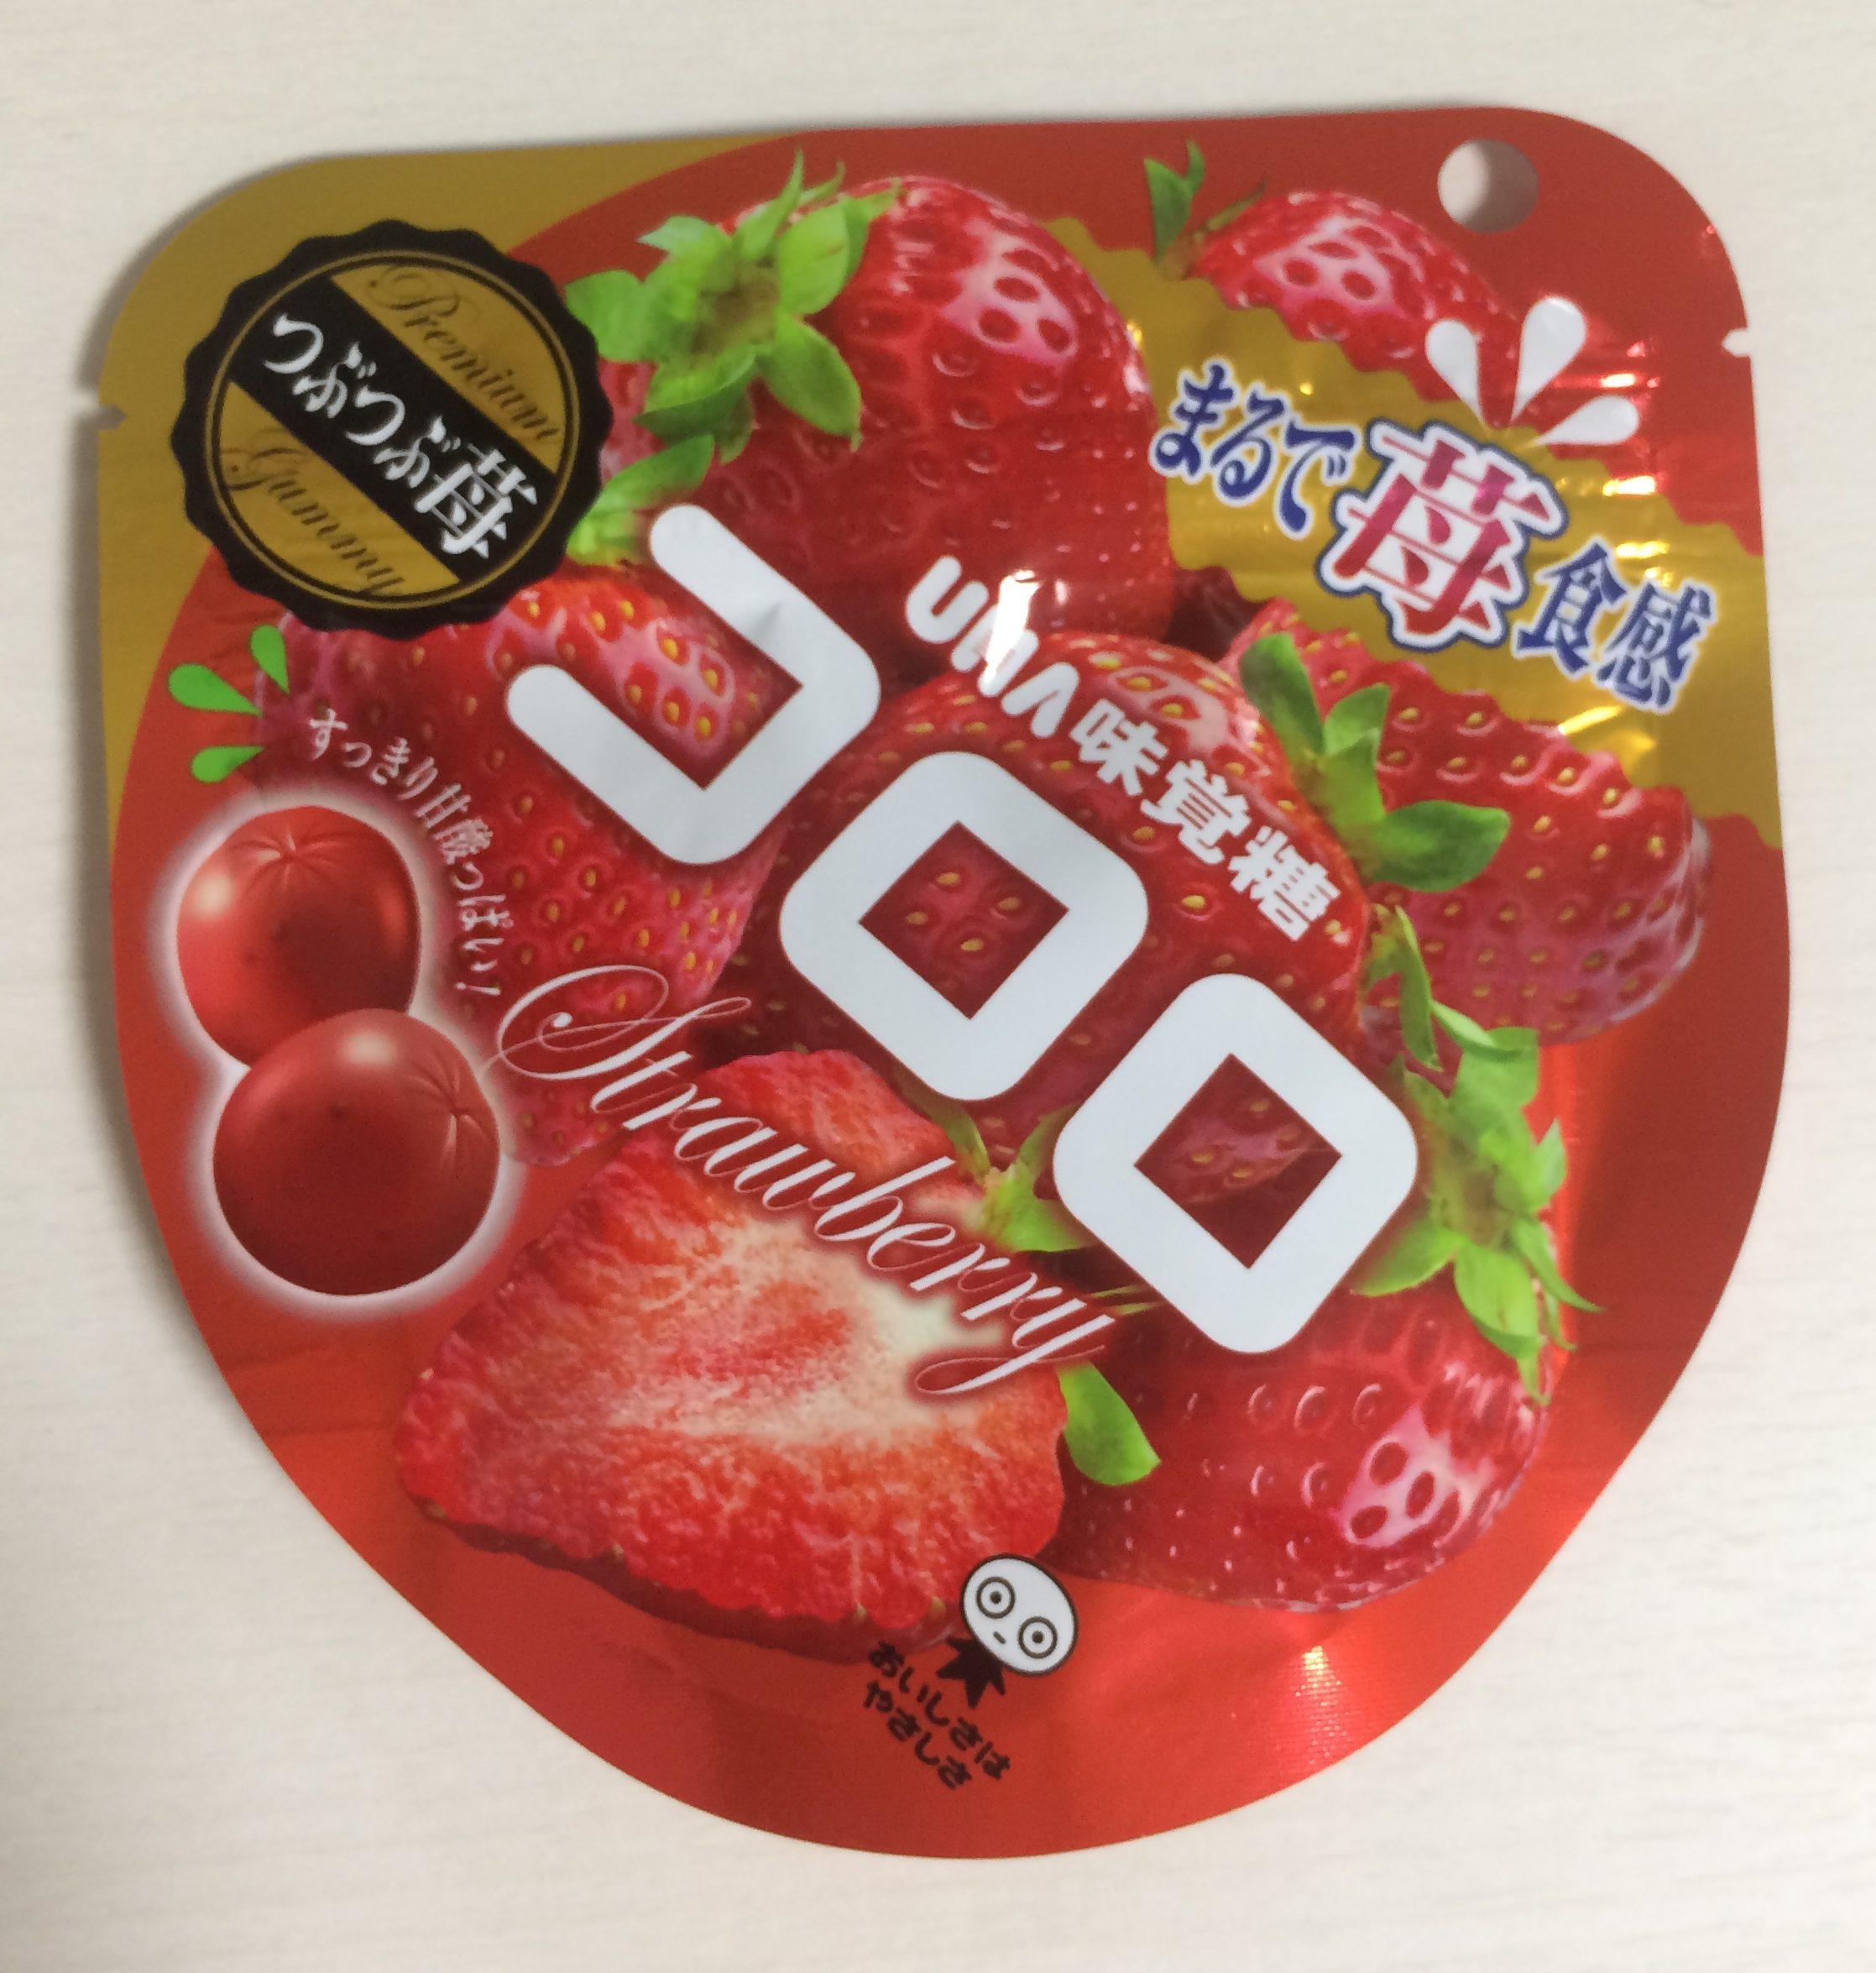 【UHA味覚糖】コロロ ストロベリー  食べた感想